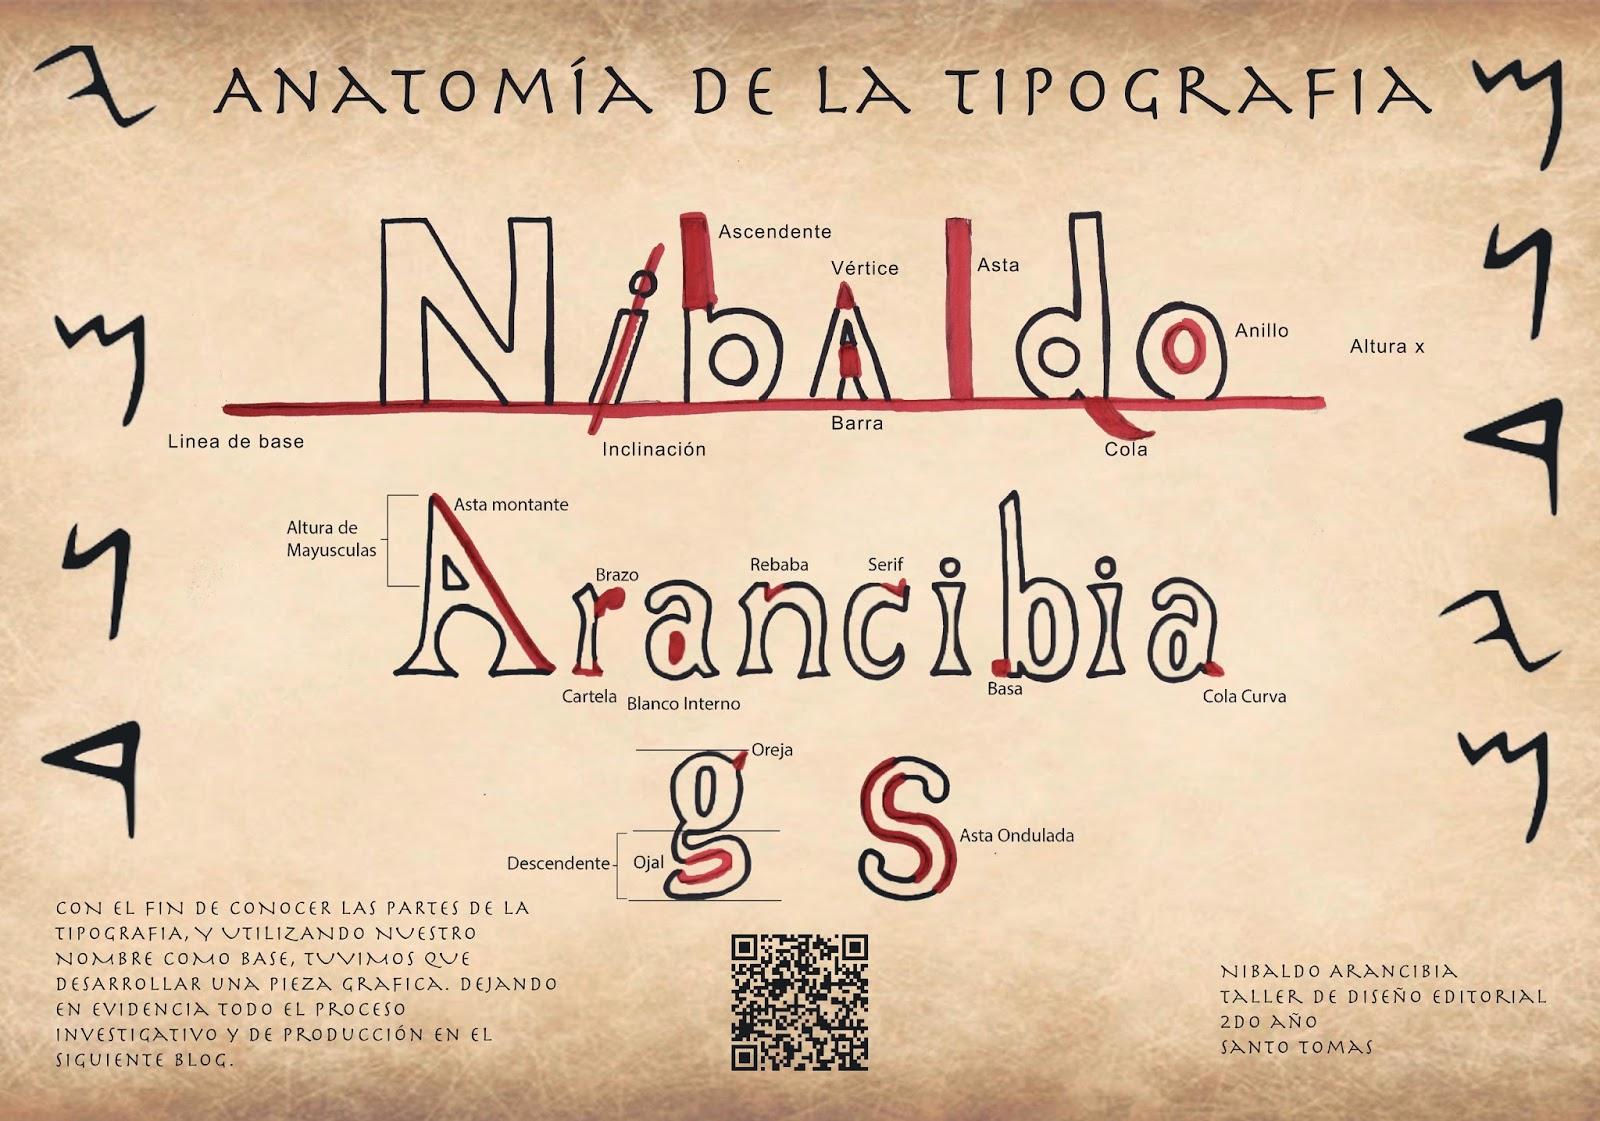 Arancibia diseño2016: Proyecto Anatomia de la Tipografia